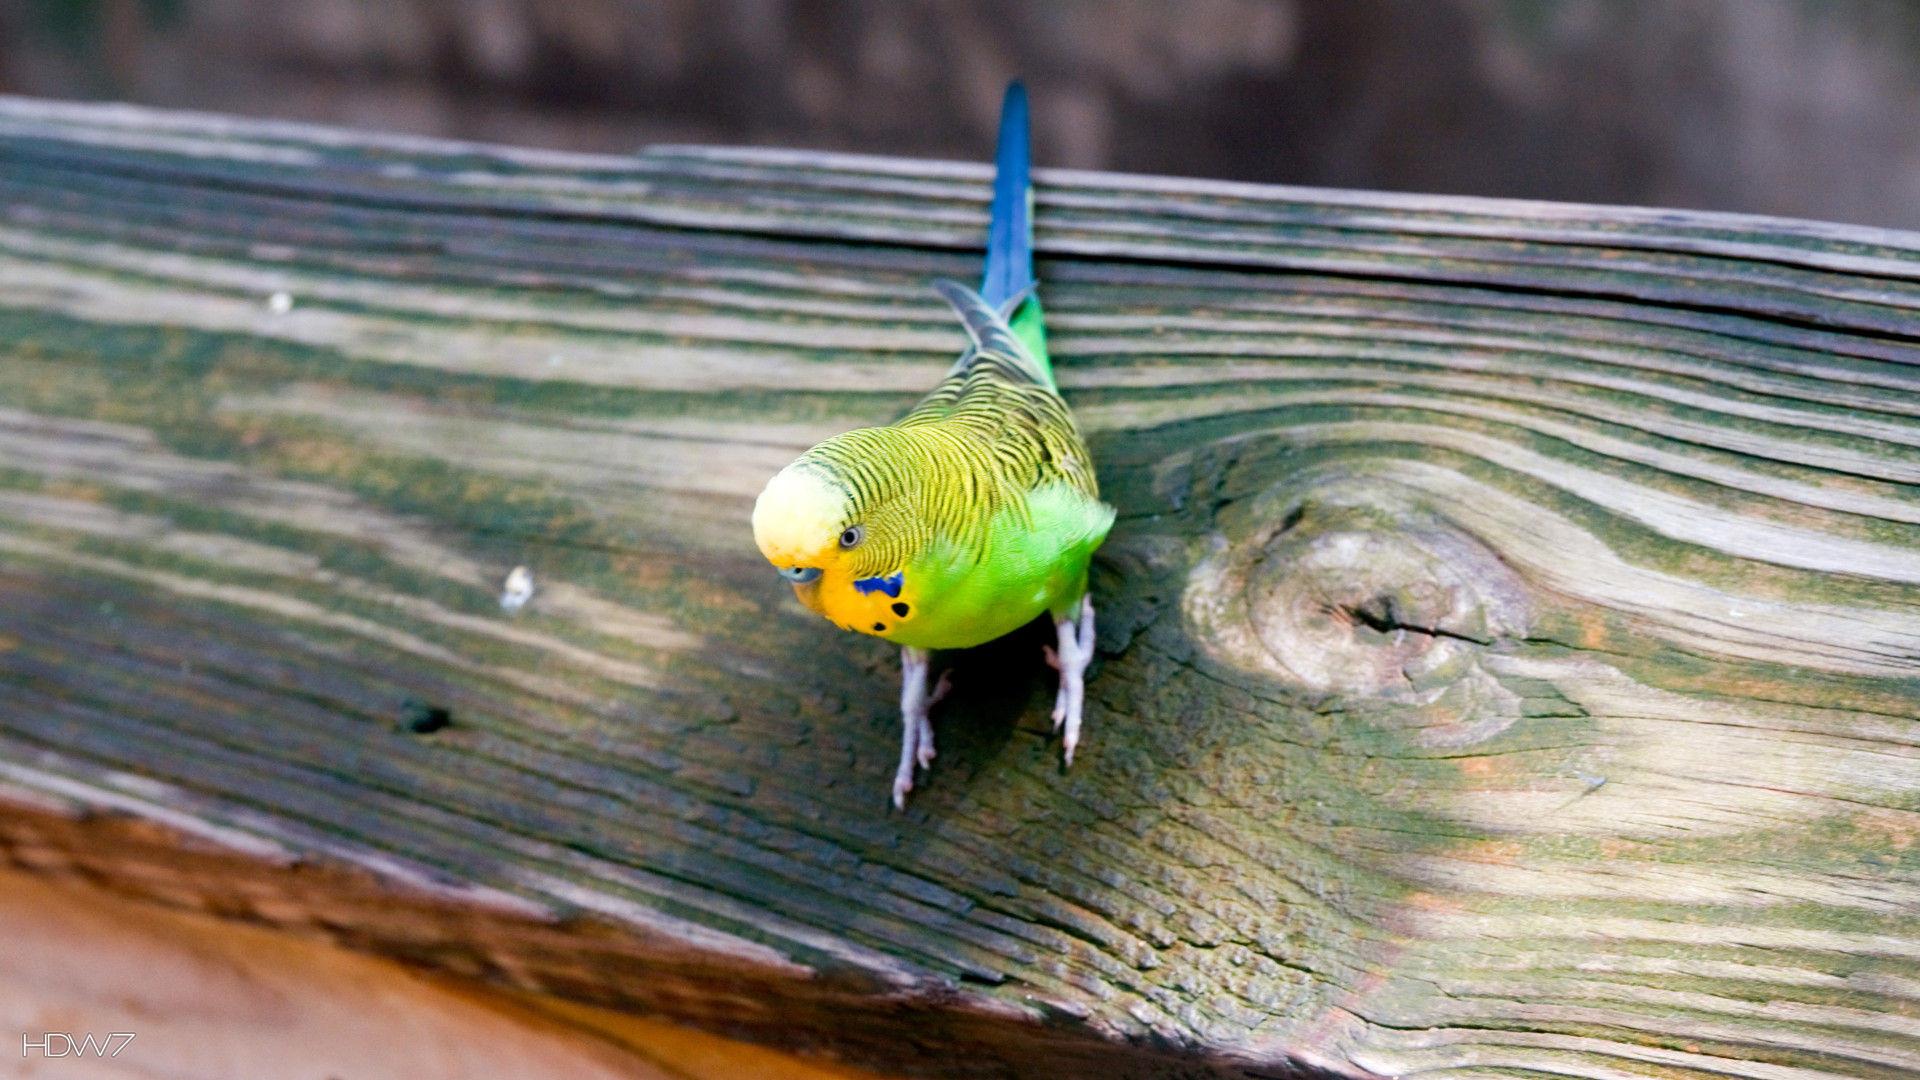 Res: 1920x1080, budgie parrot most popular world pet bird